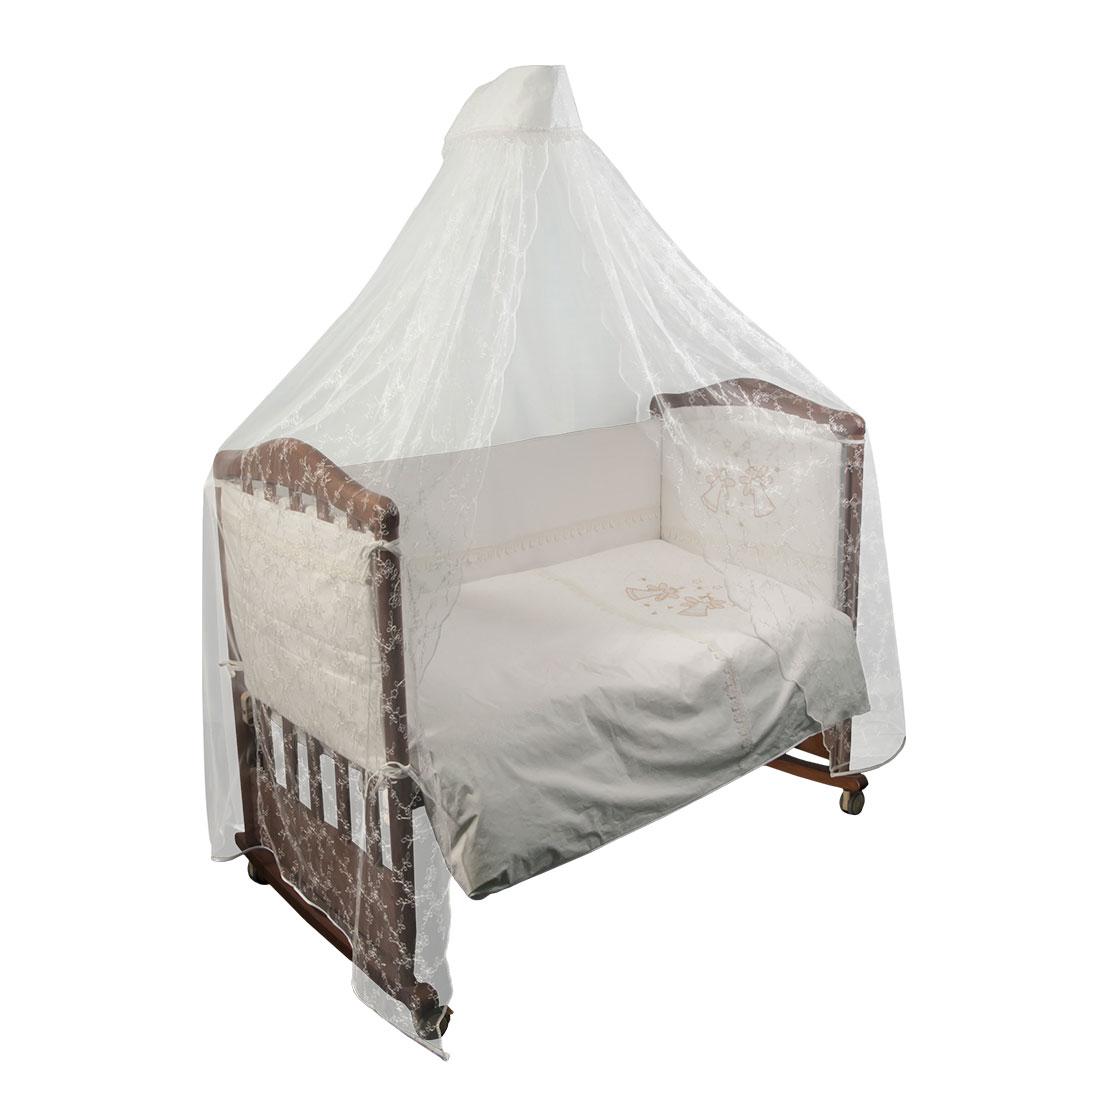 Комплект в кроватку Сонный гномик Эльфы 3 предмета Молочный